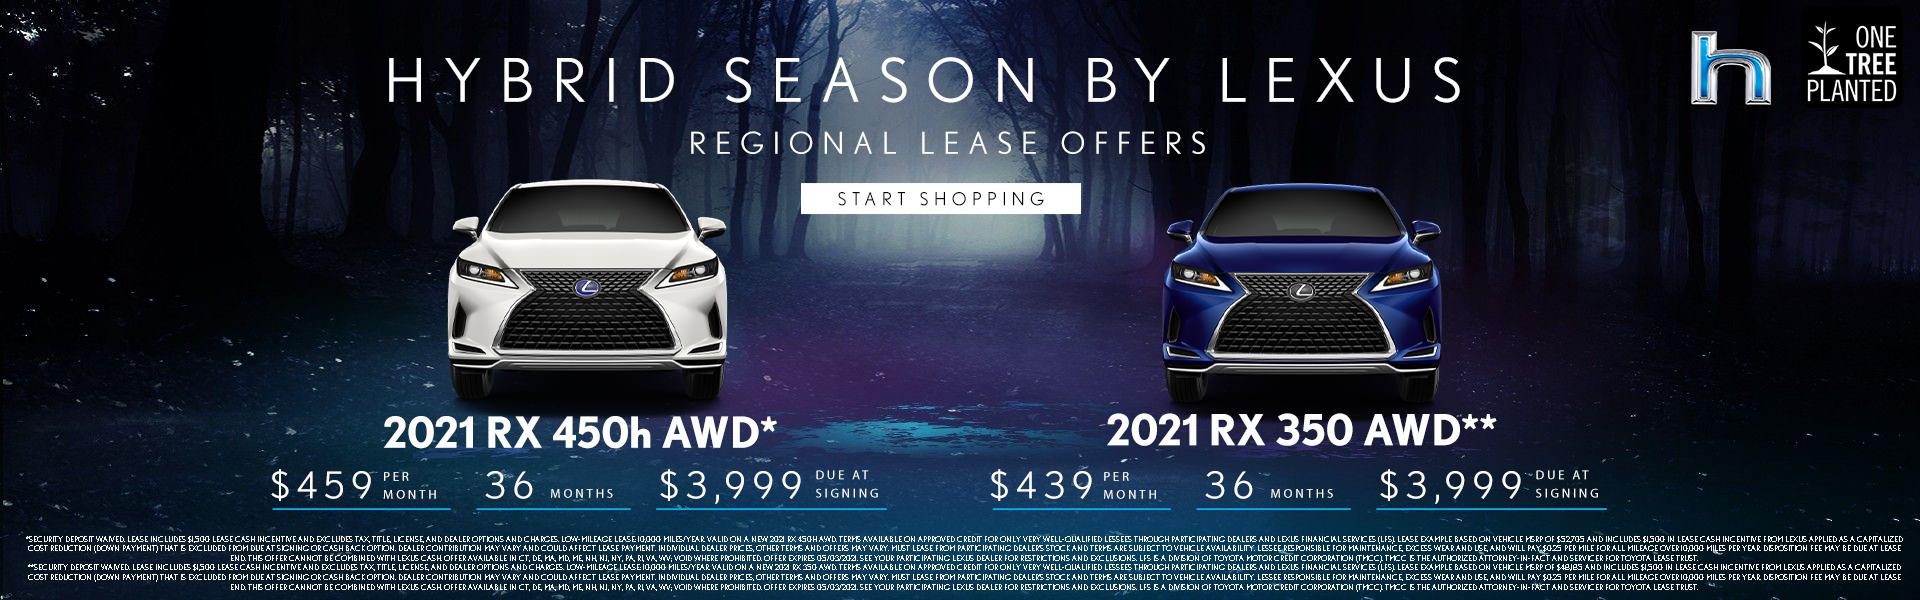 2021 RX 450h AWD $459